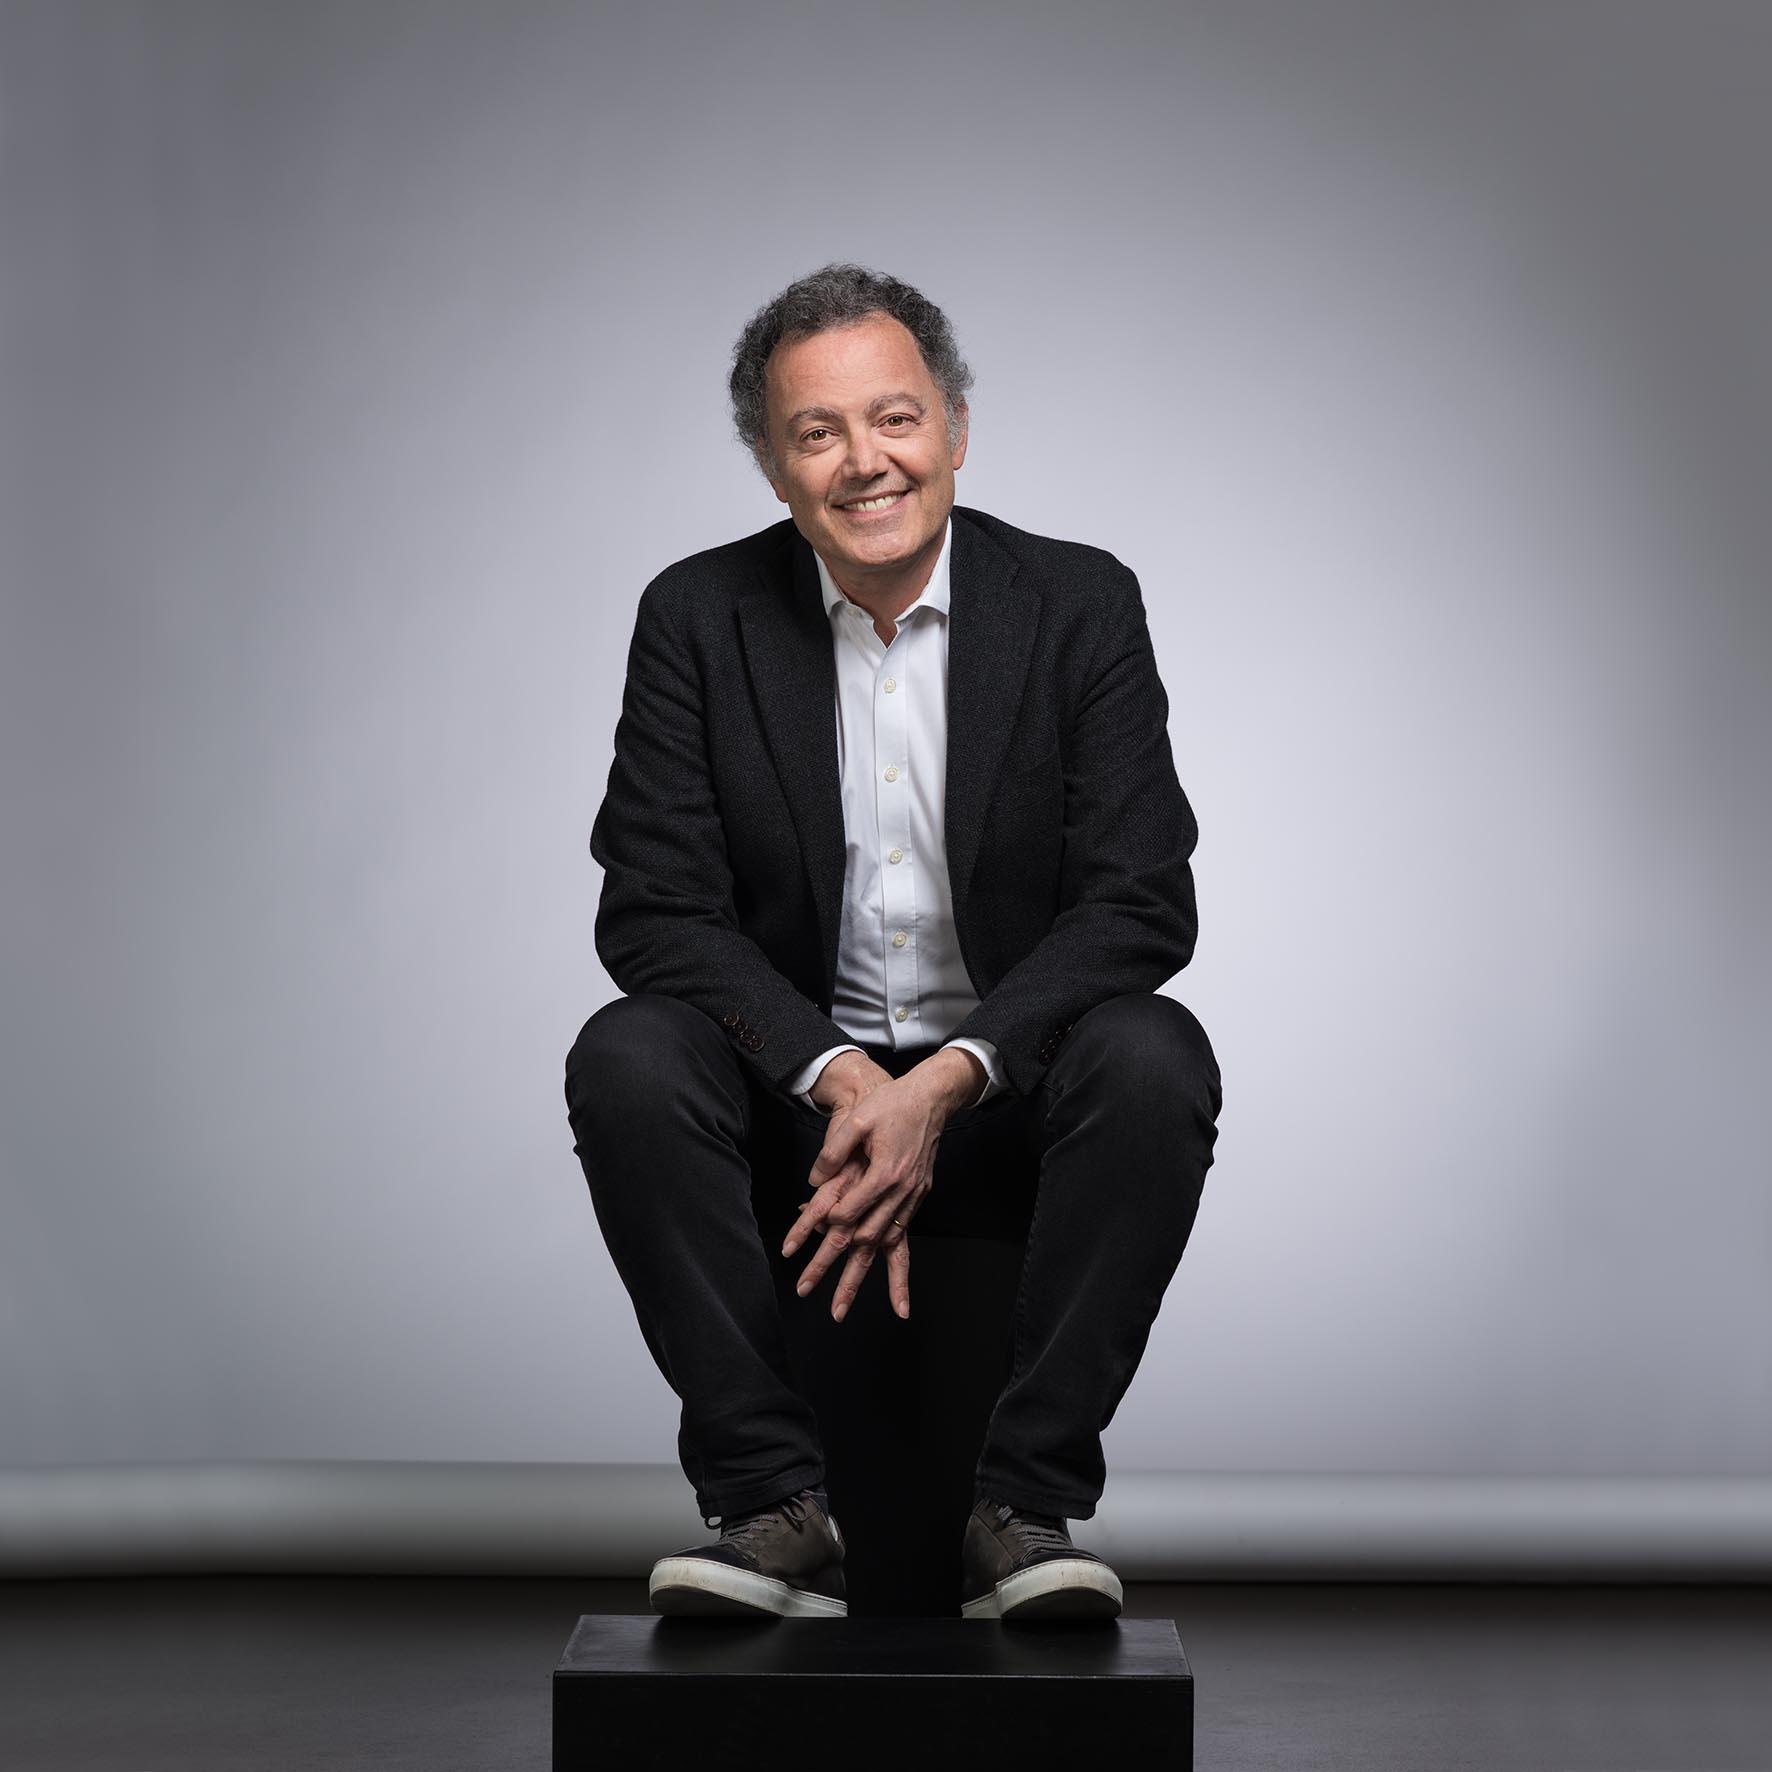 Philippe Hayat